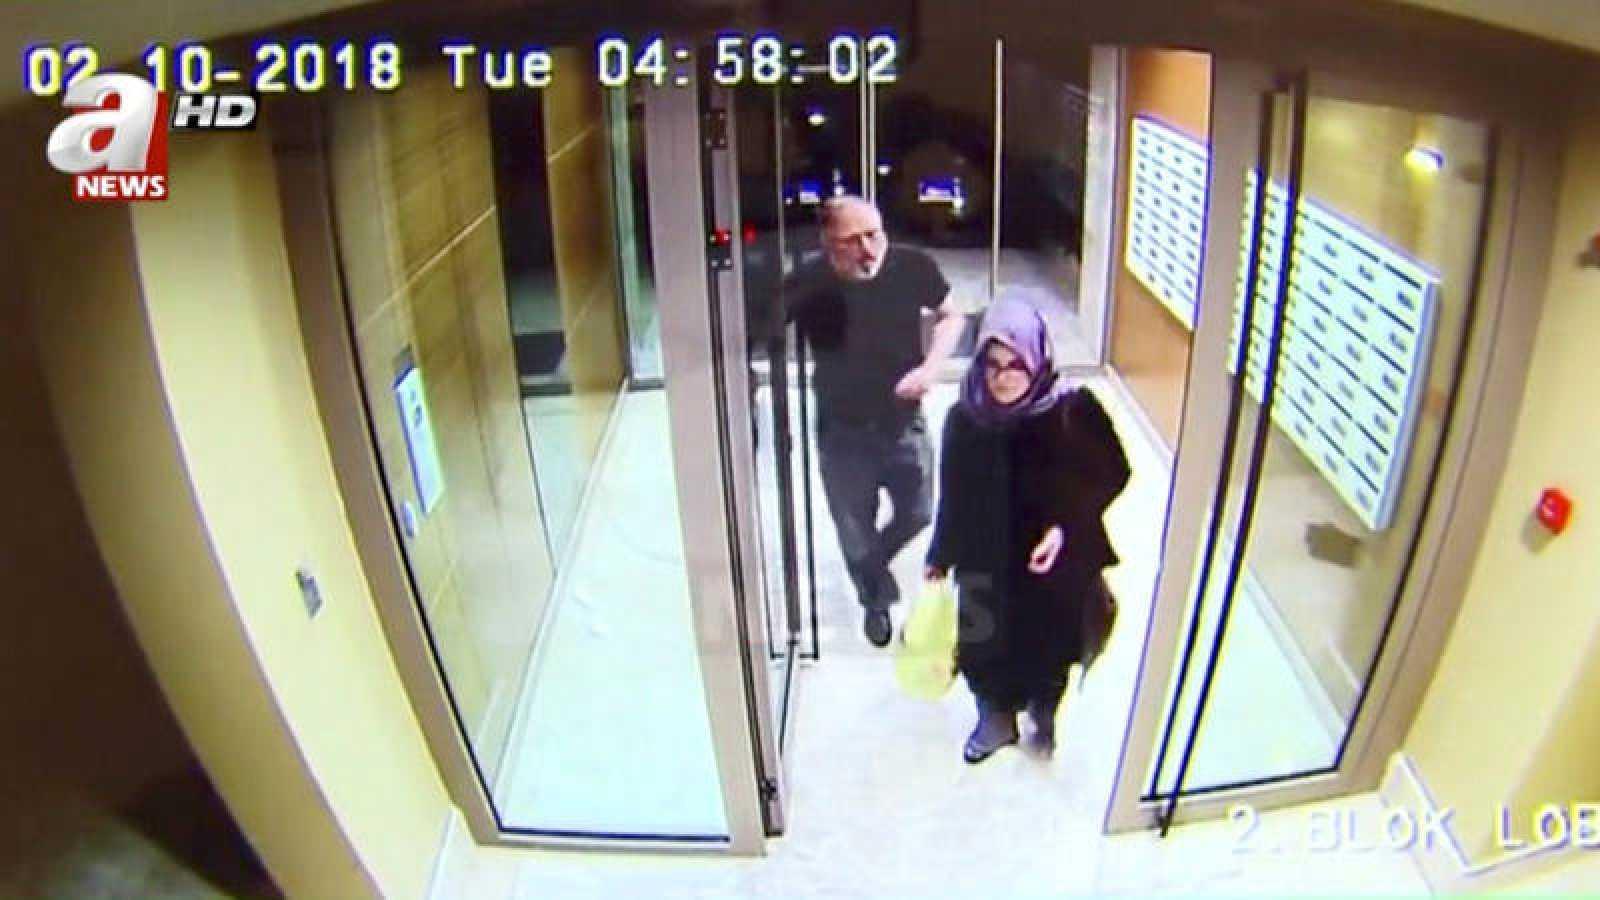 Jamal Khashoggi y su prometida Hatice Cengiz, camino del consulado saudí en Estambul el pasado 2 de octubre